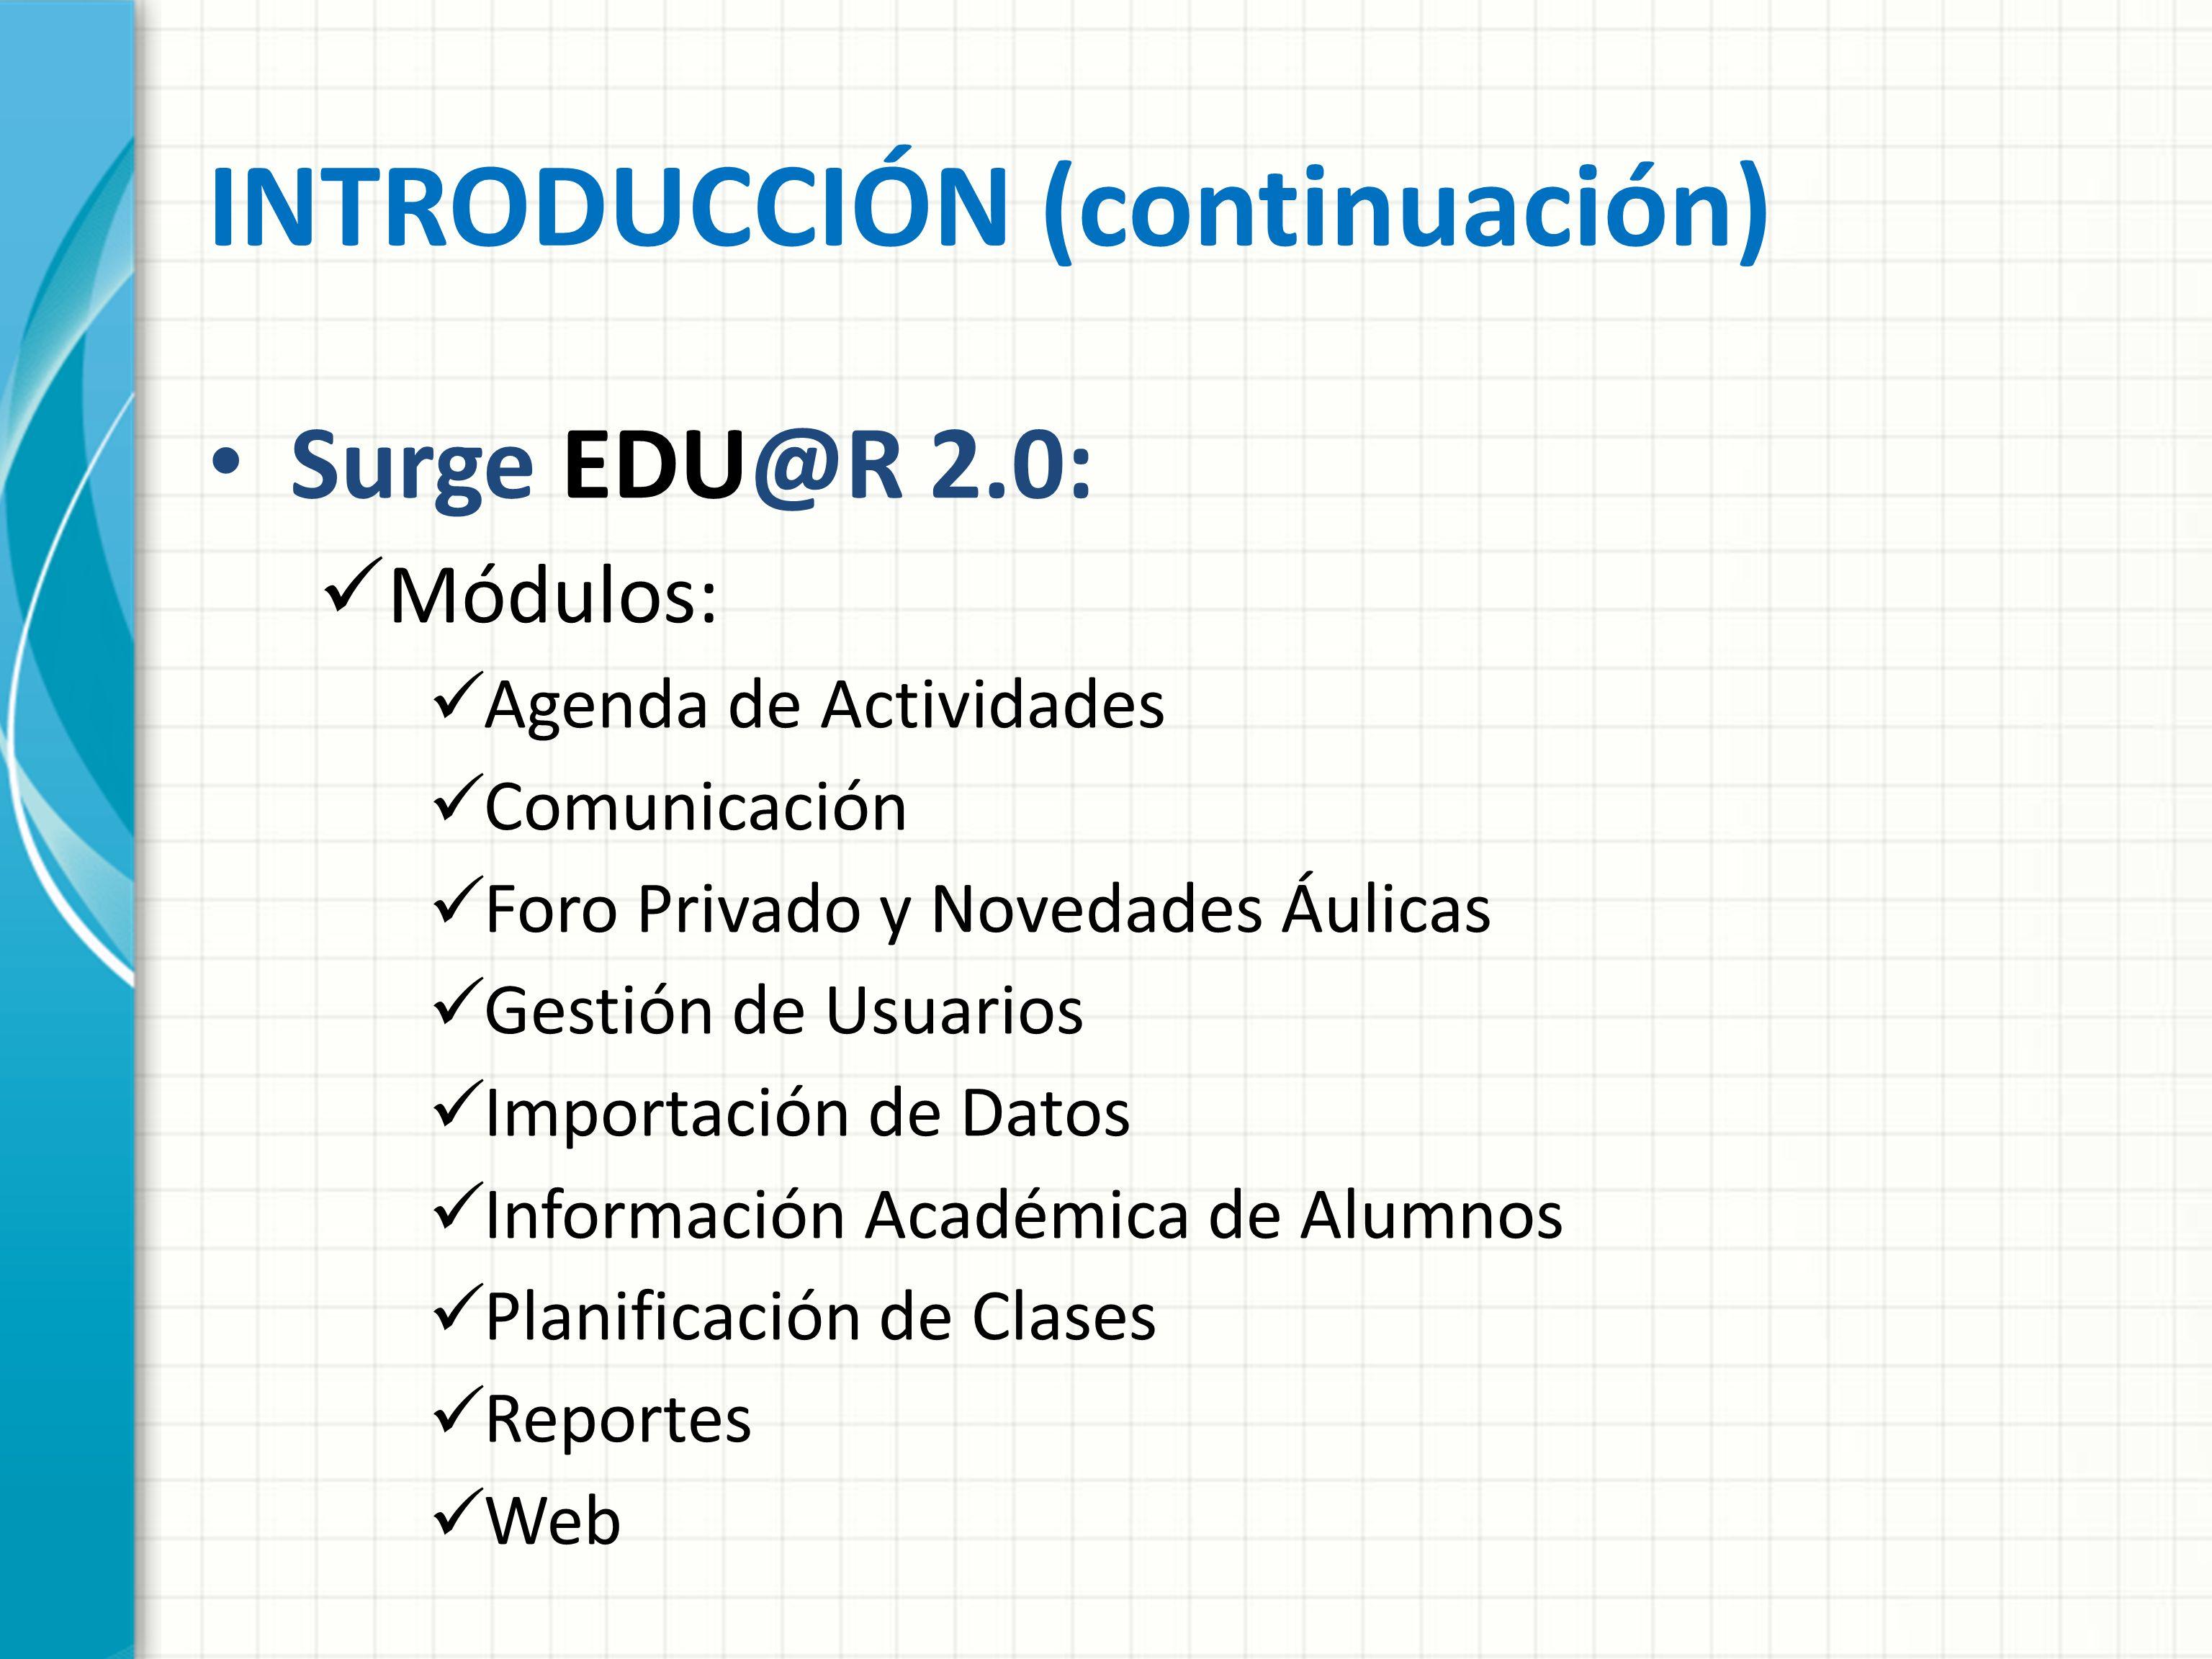 INTRODUCCIÓN (continuación) Surge EDU@R 2.0: Módulos: Agenda de Actividades Comunicación Foro Privado y Novedades Áulicas Gestión de Usuarios Importación de Datos Información Académica de Alumnos Planificación de Clases Reportes Web